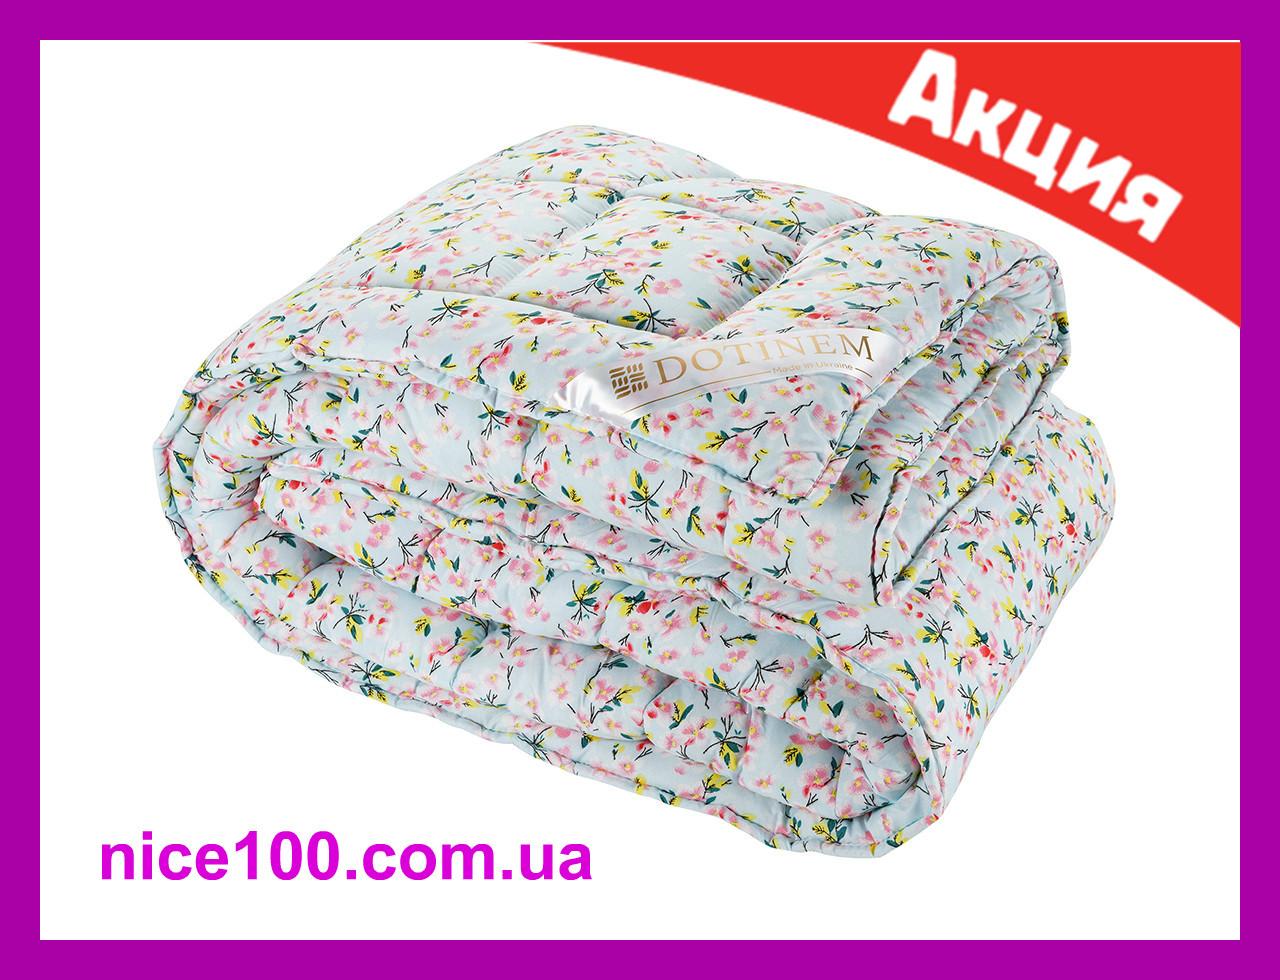 Одеяло 145х210 Зимнее  RIVERTON (Ривертон) полиэфирное волокно, полуторное, легкое, практичное, полиэстер